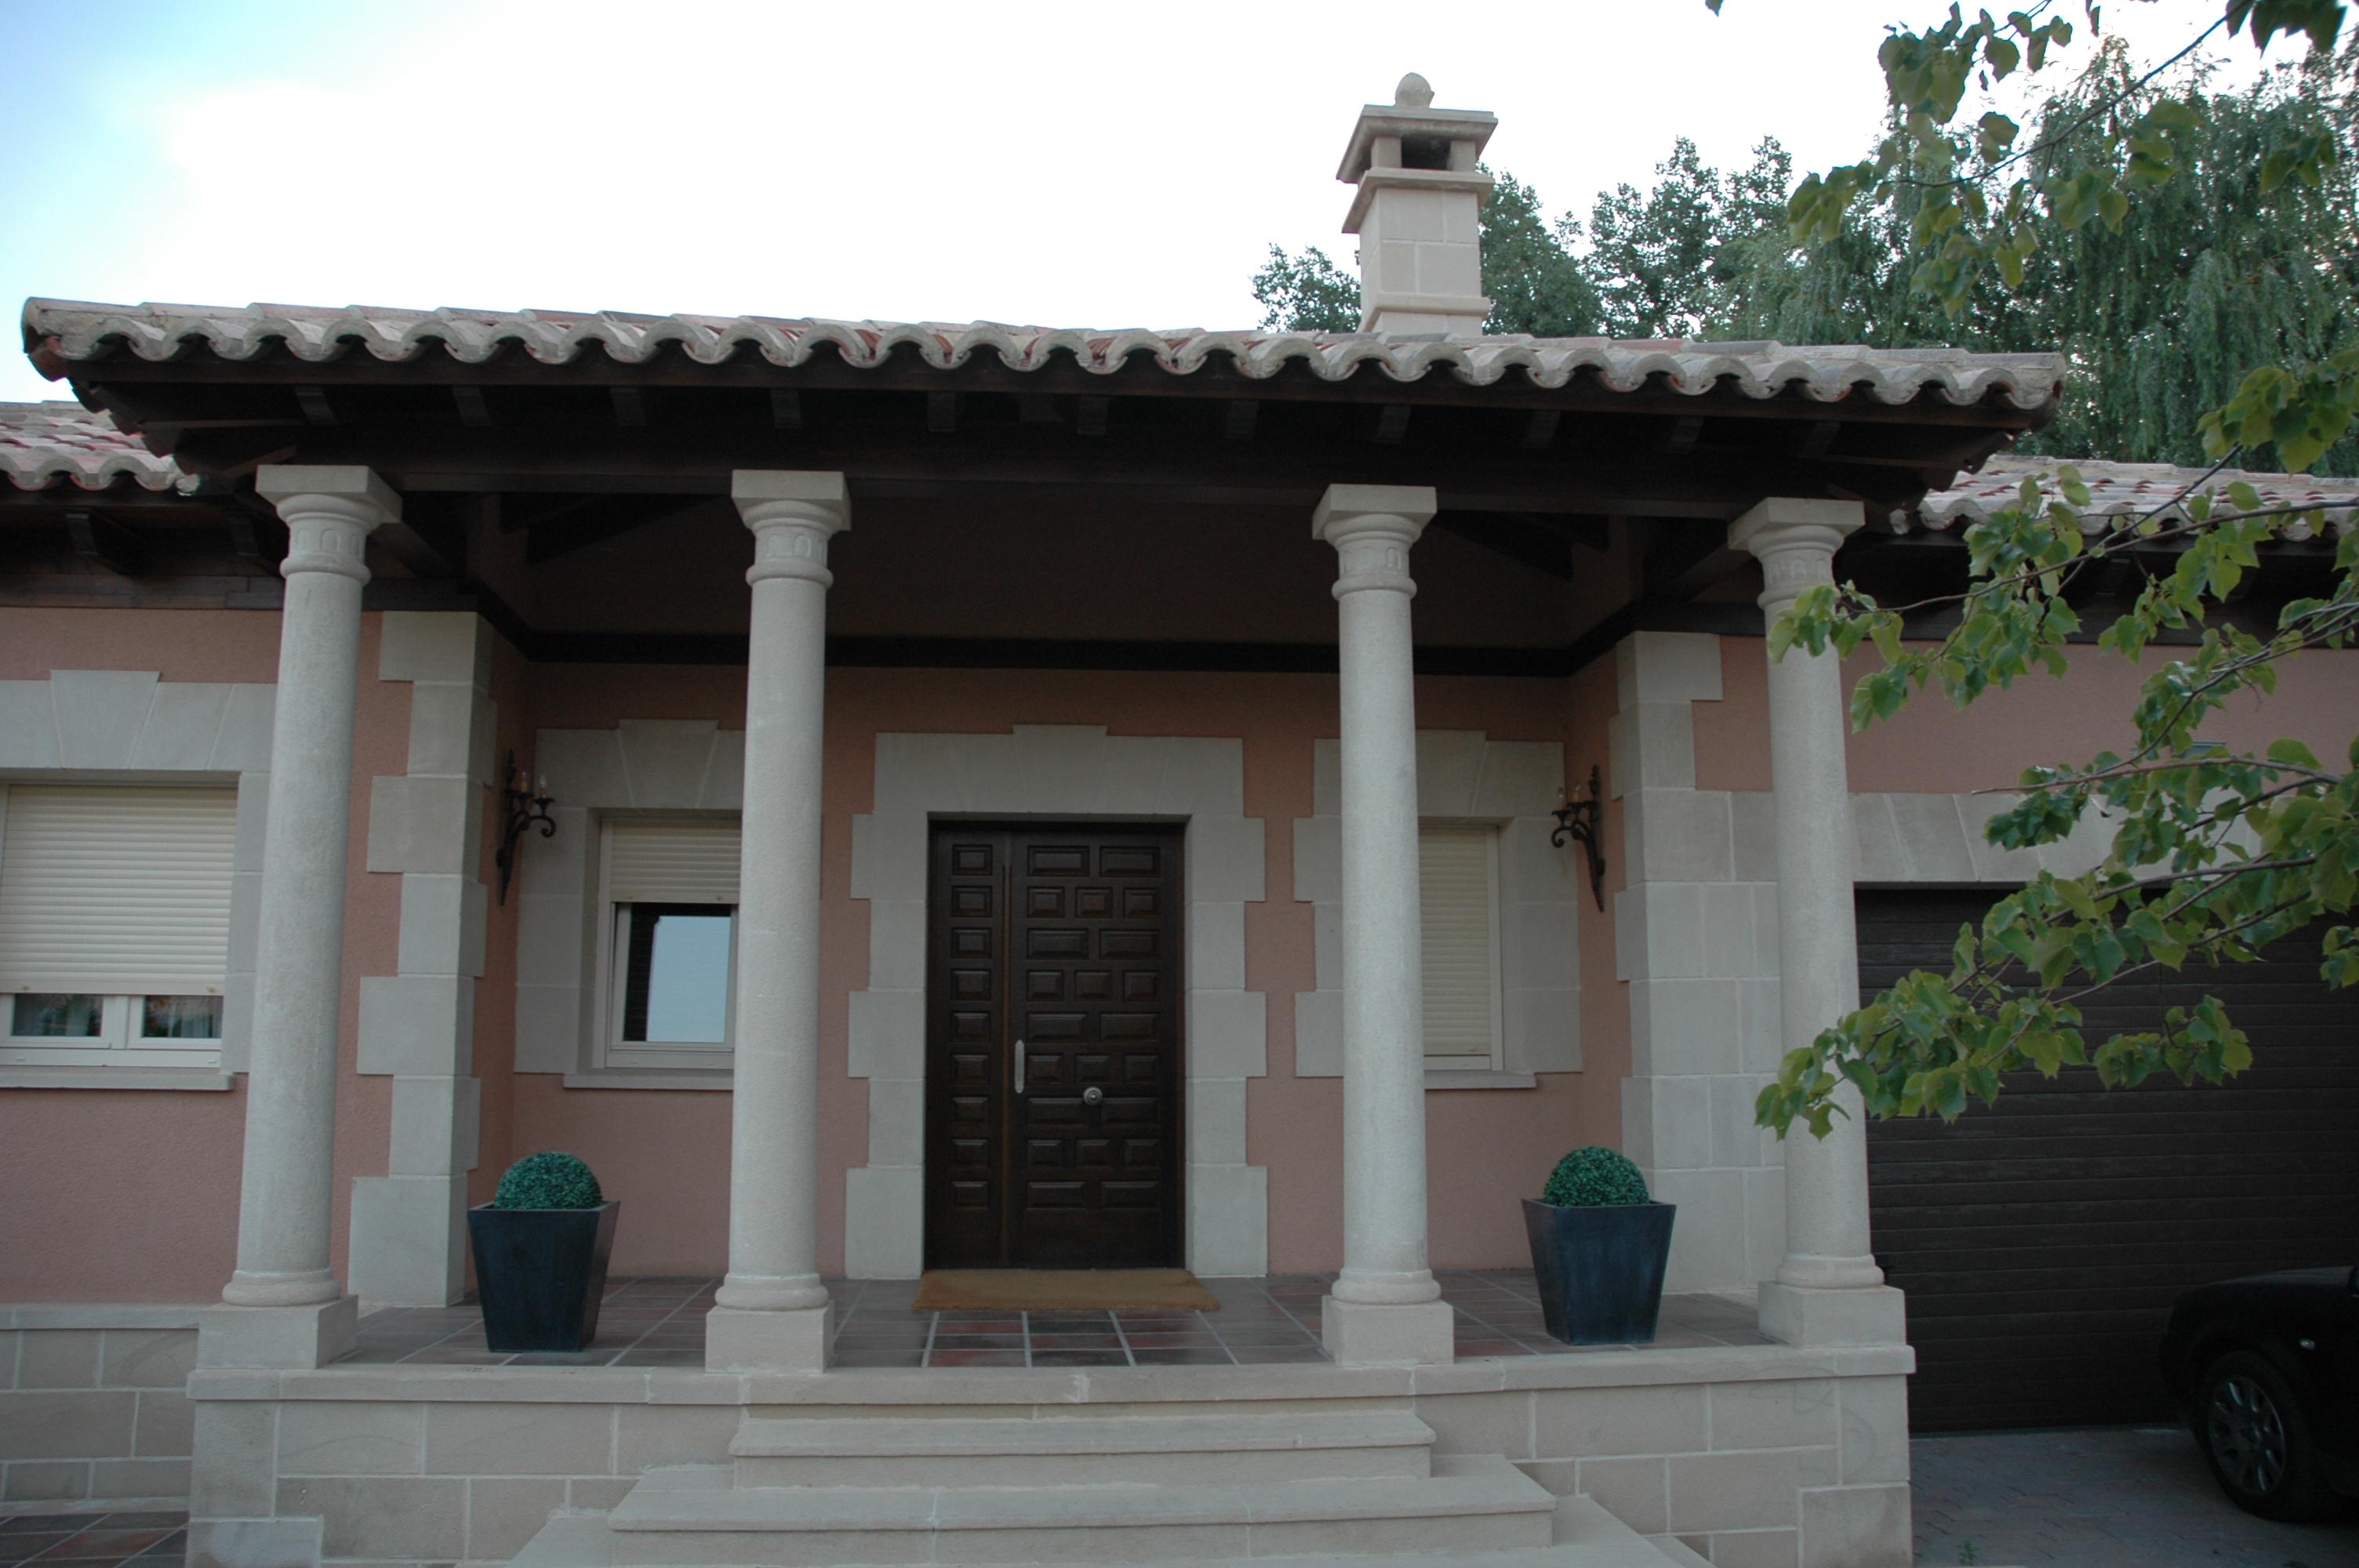 Columnas de una fachada privada